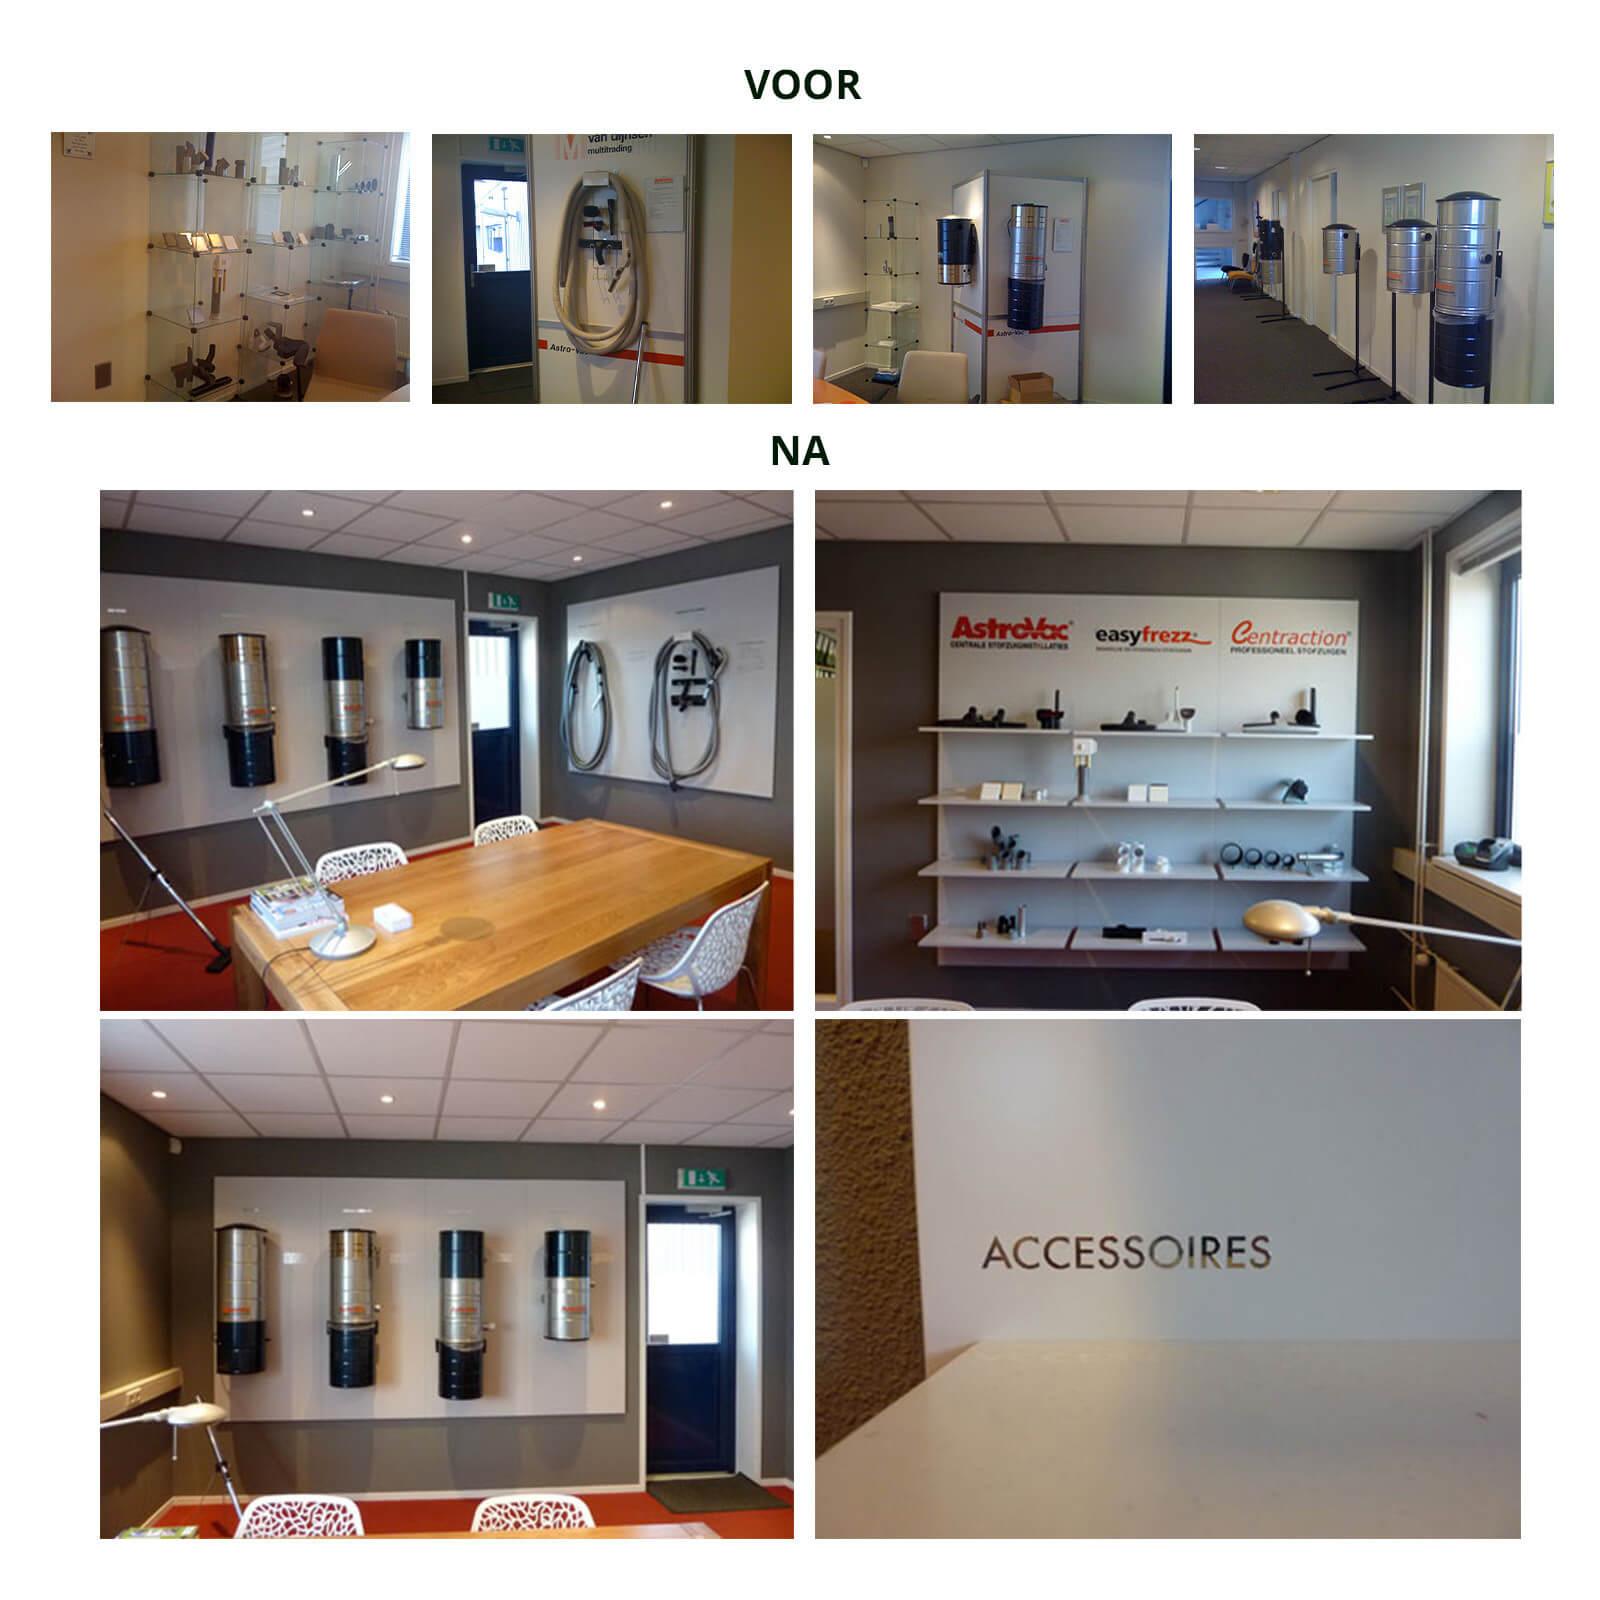 interieur, bewegwijzering, showroom AstroVac